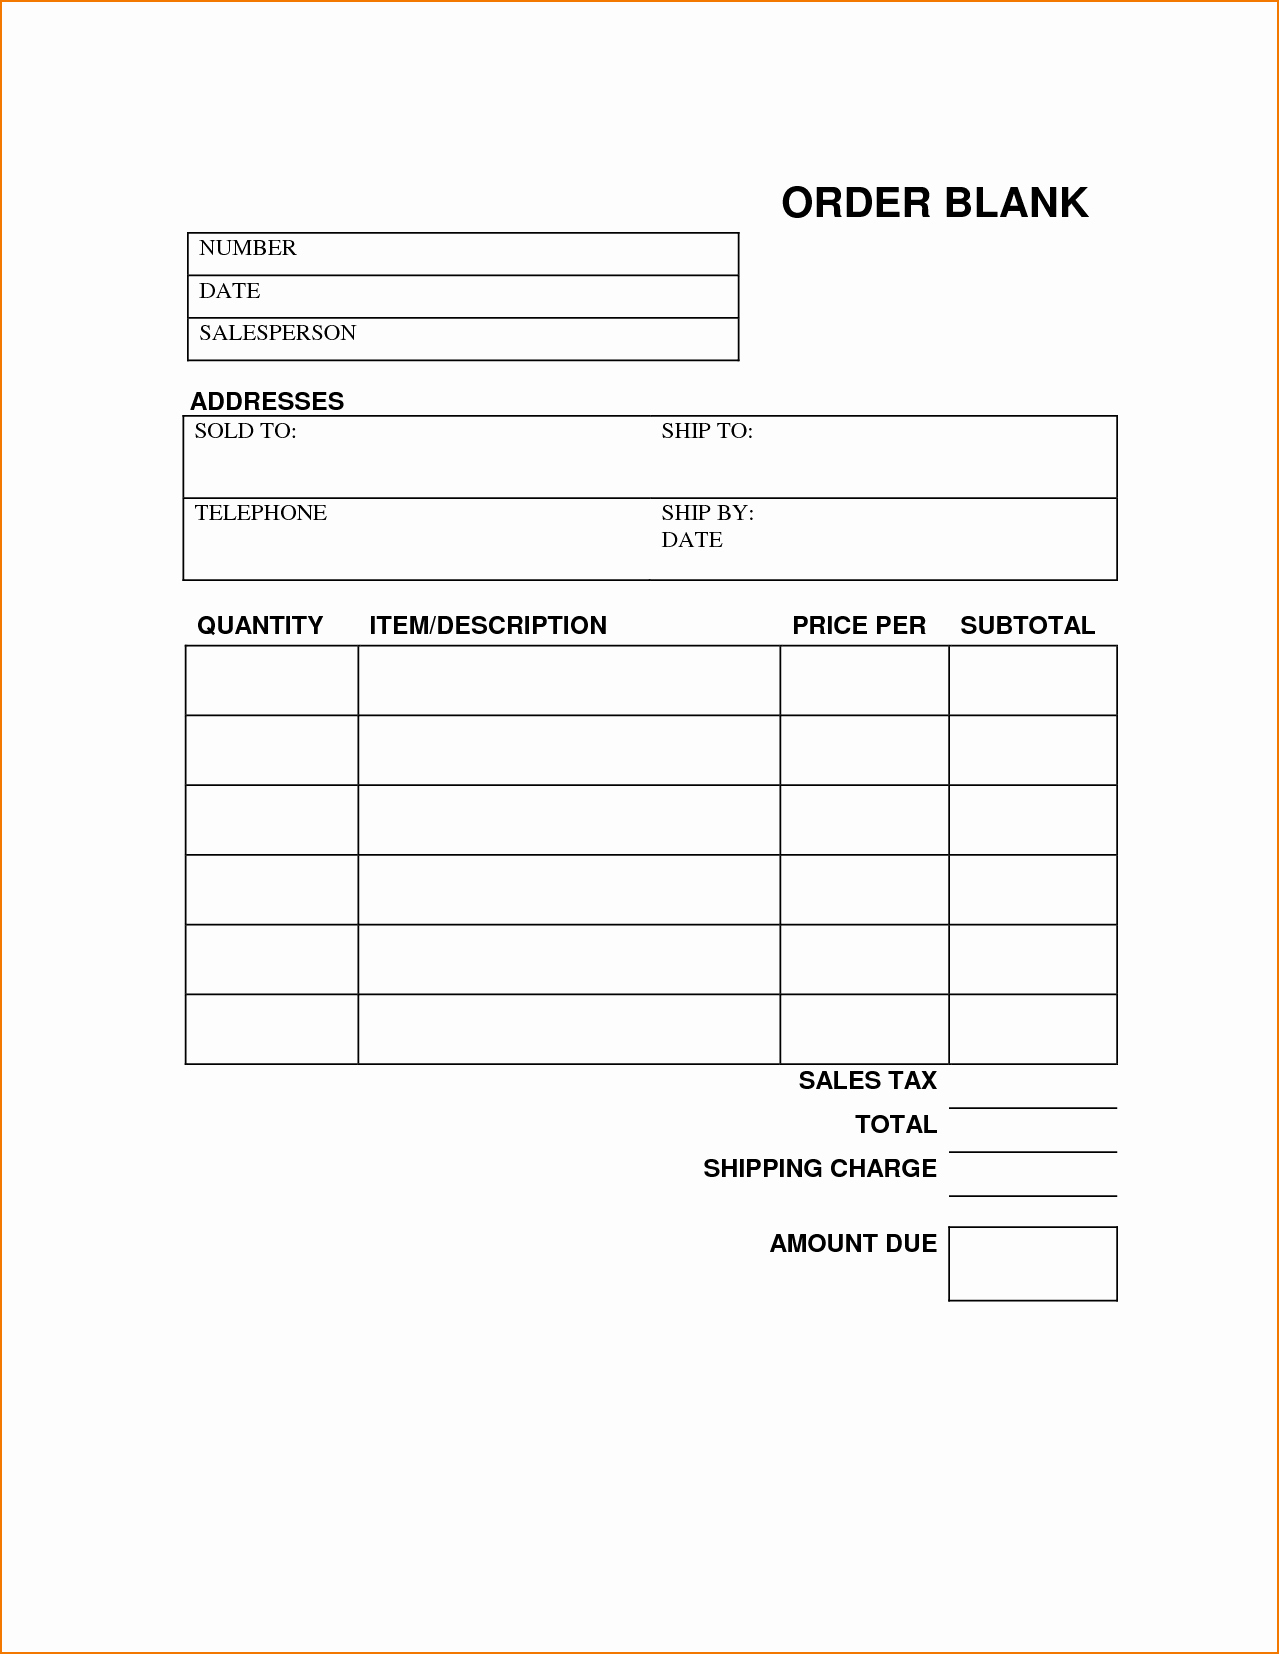 Bowling Spreadsheet With Regard To Sheet Pledge Template Parent Jogathonign Up Googleearch Pta Donation Bowling Spreadsheet 1 Printable Spreadshee 1 Printable Spreadshee bowling spreadsheet formula